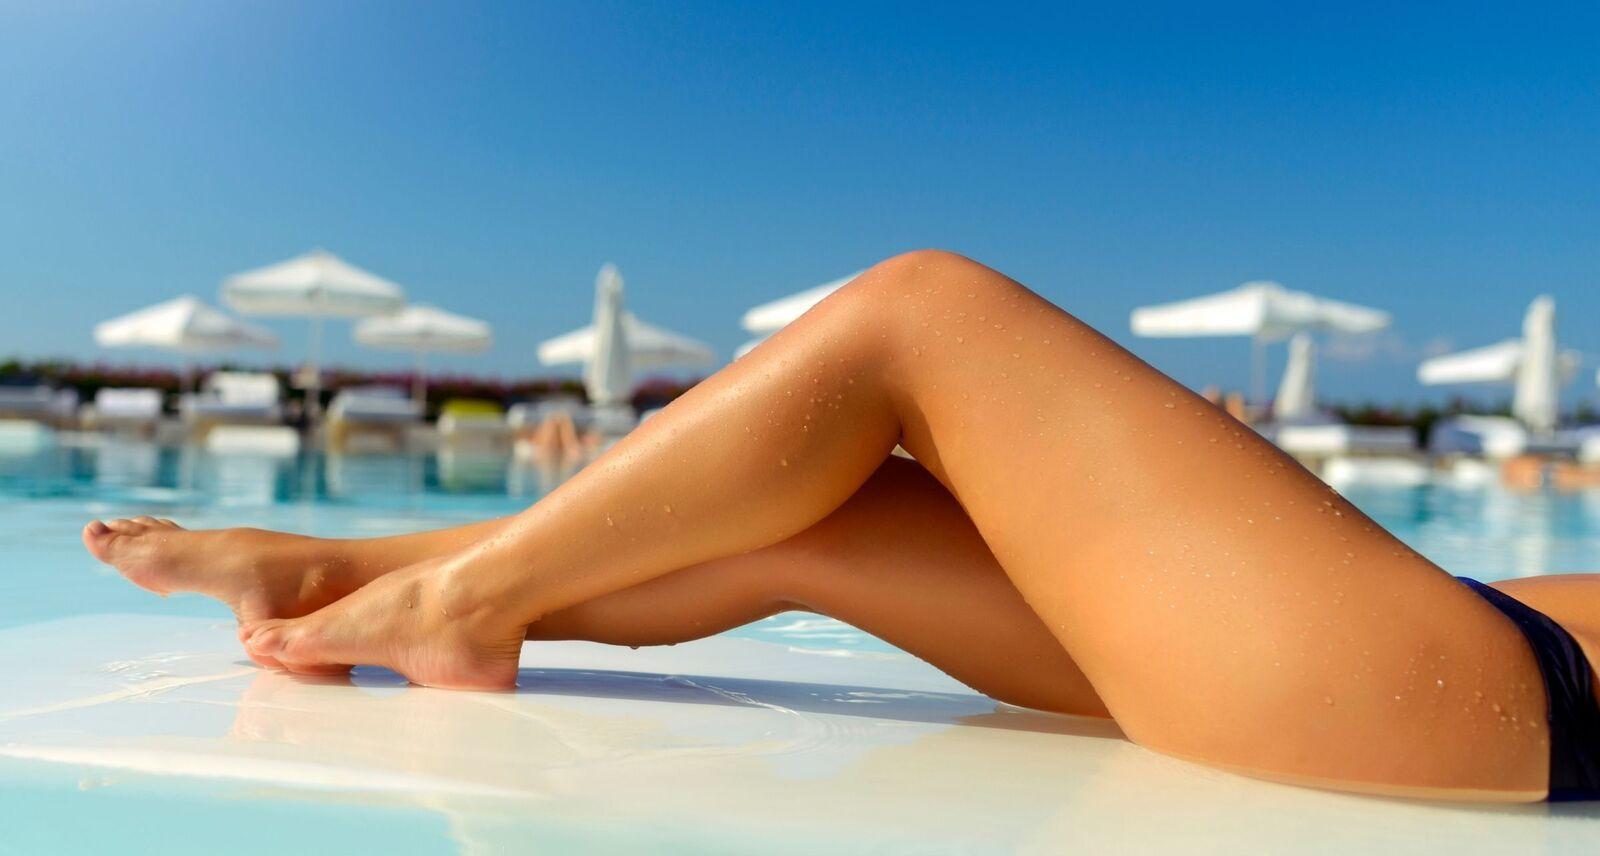 Gambe di una donna che si gode l'estate libera dal pensiero dei peli superflui e della follicolite grazie all'epilazione permanente